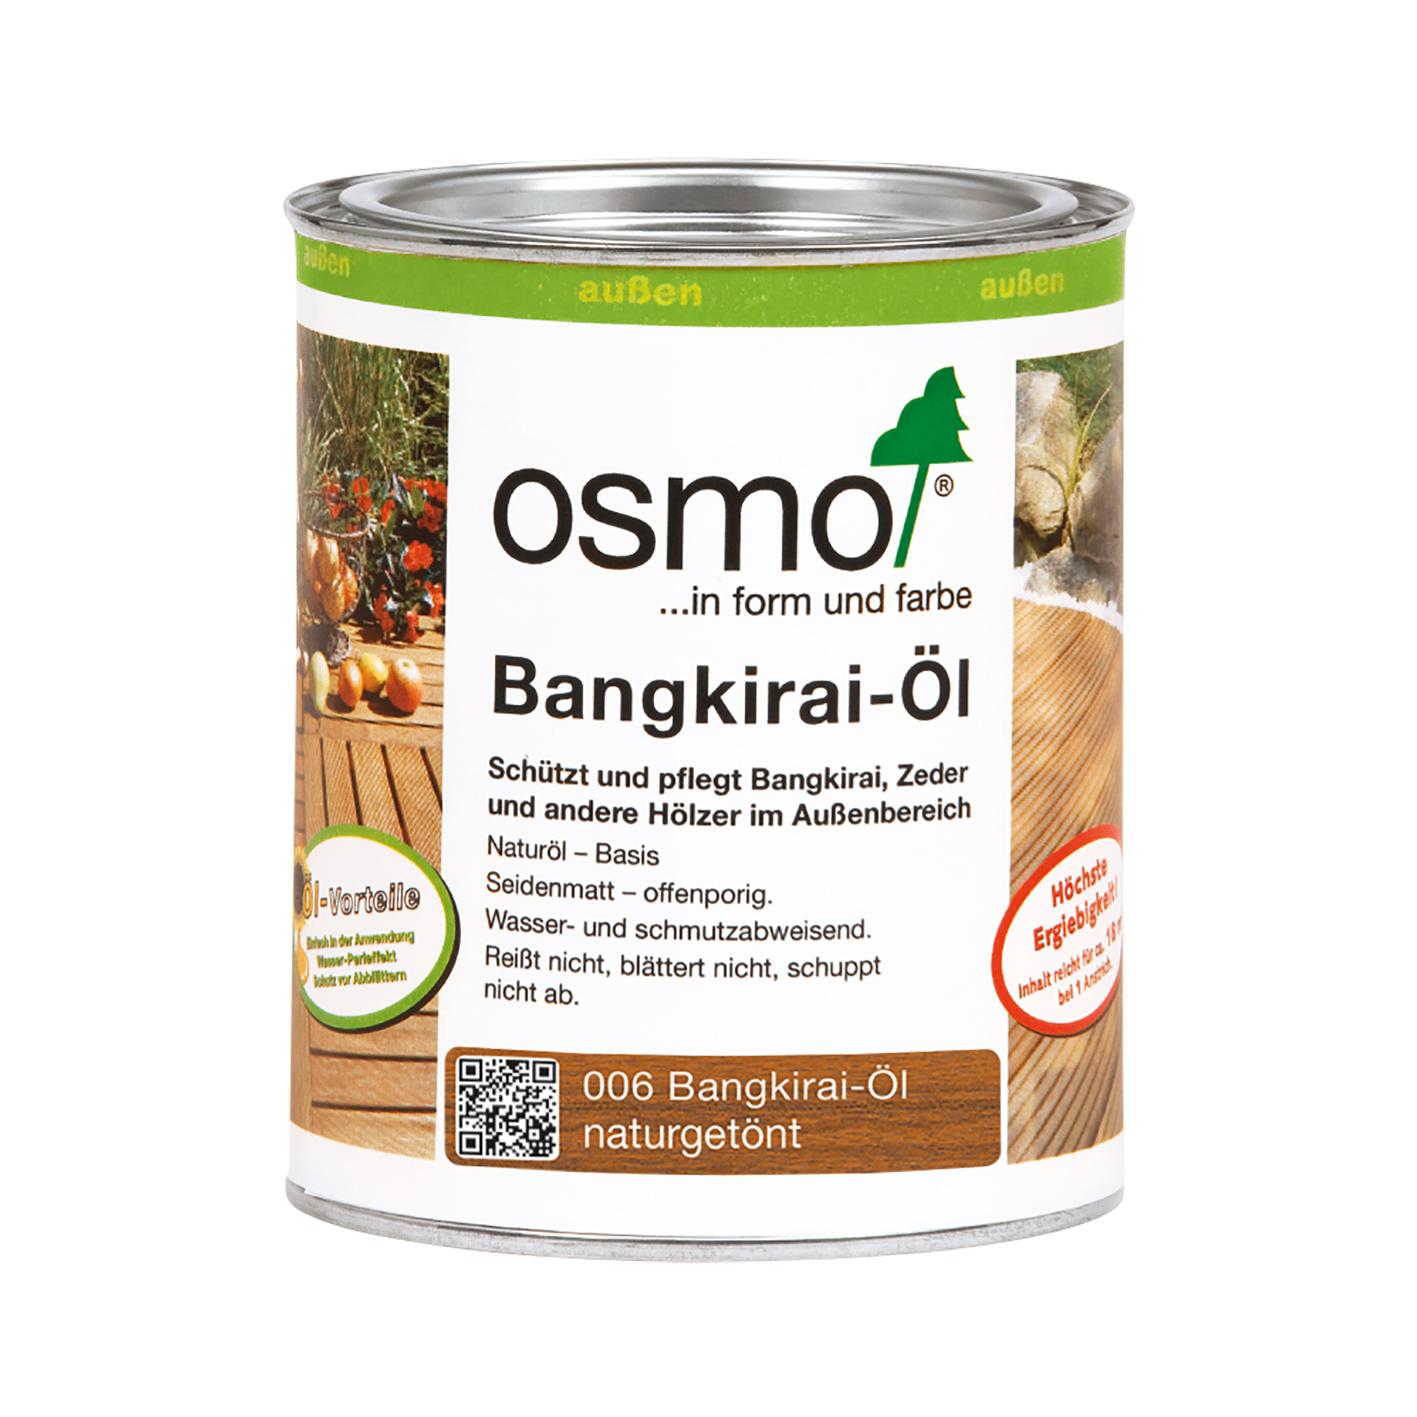 Osmo Bangkirai-Öl Natur 2,5 Ltr.